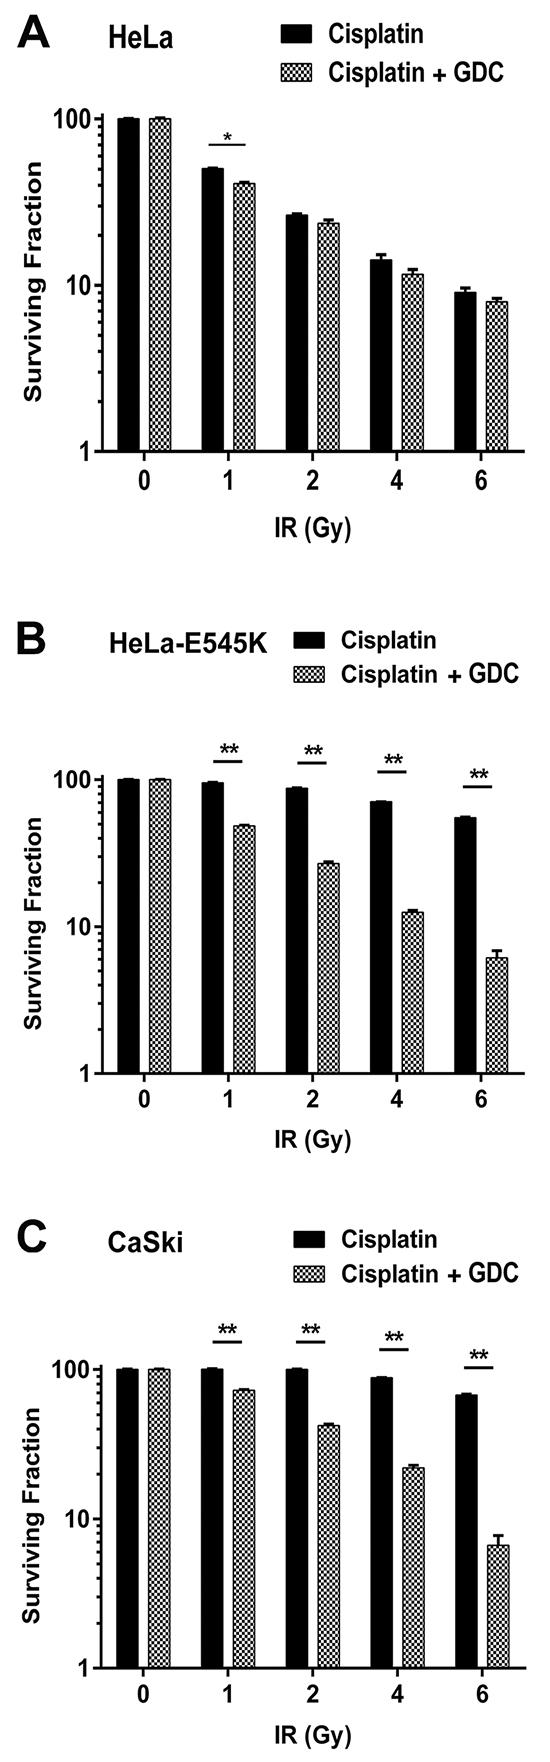 GDC-0941 restores cisplatin sensitivity in PIK3CA-E545K expressing cells.